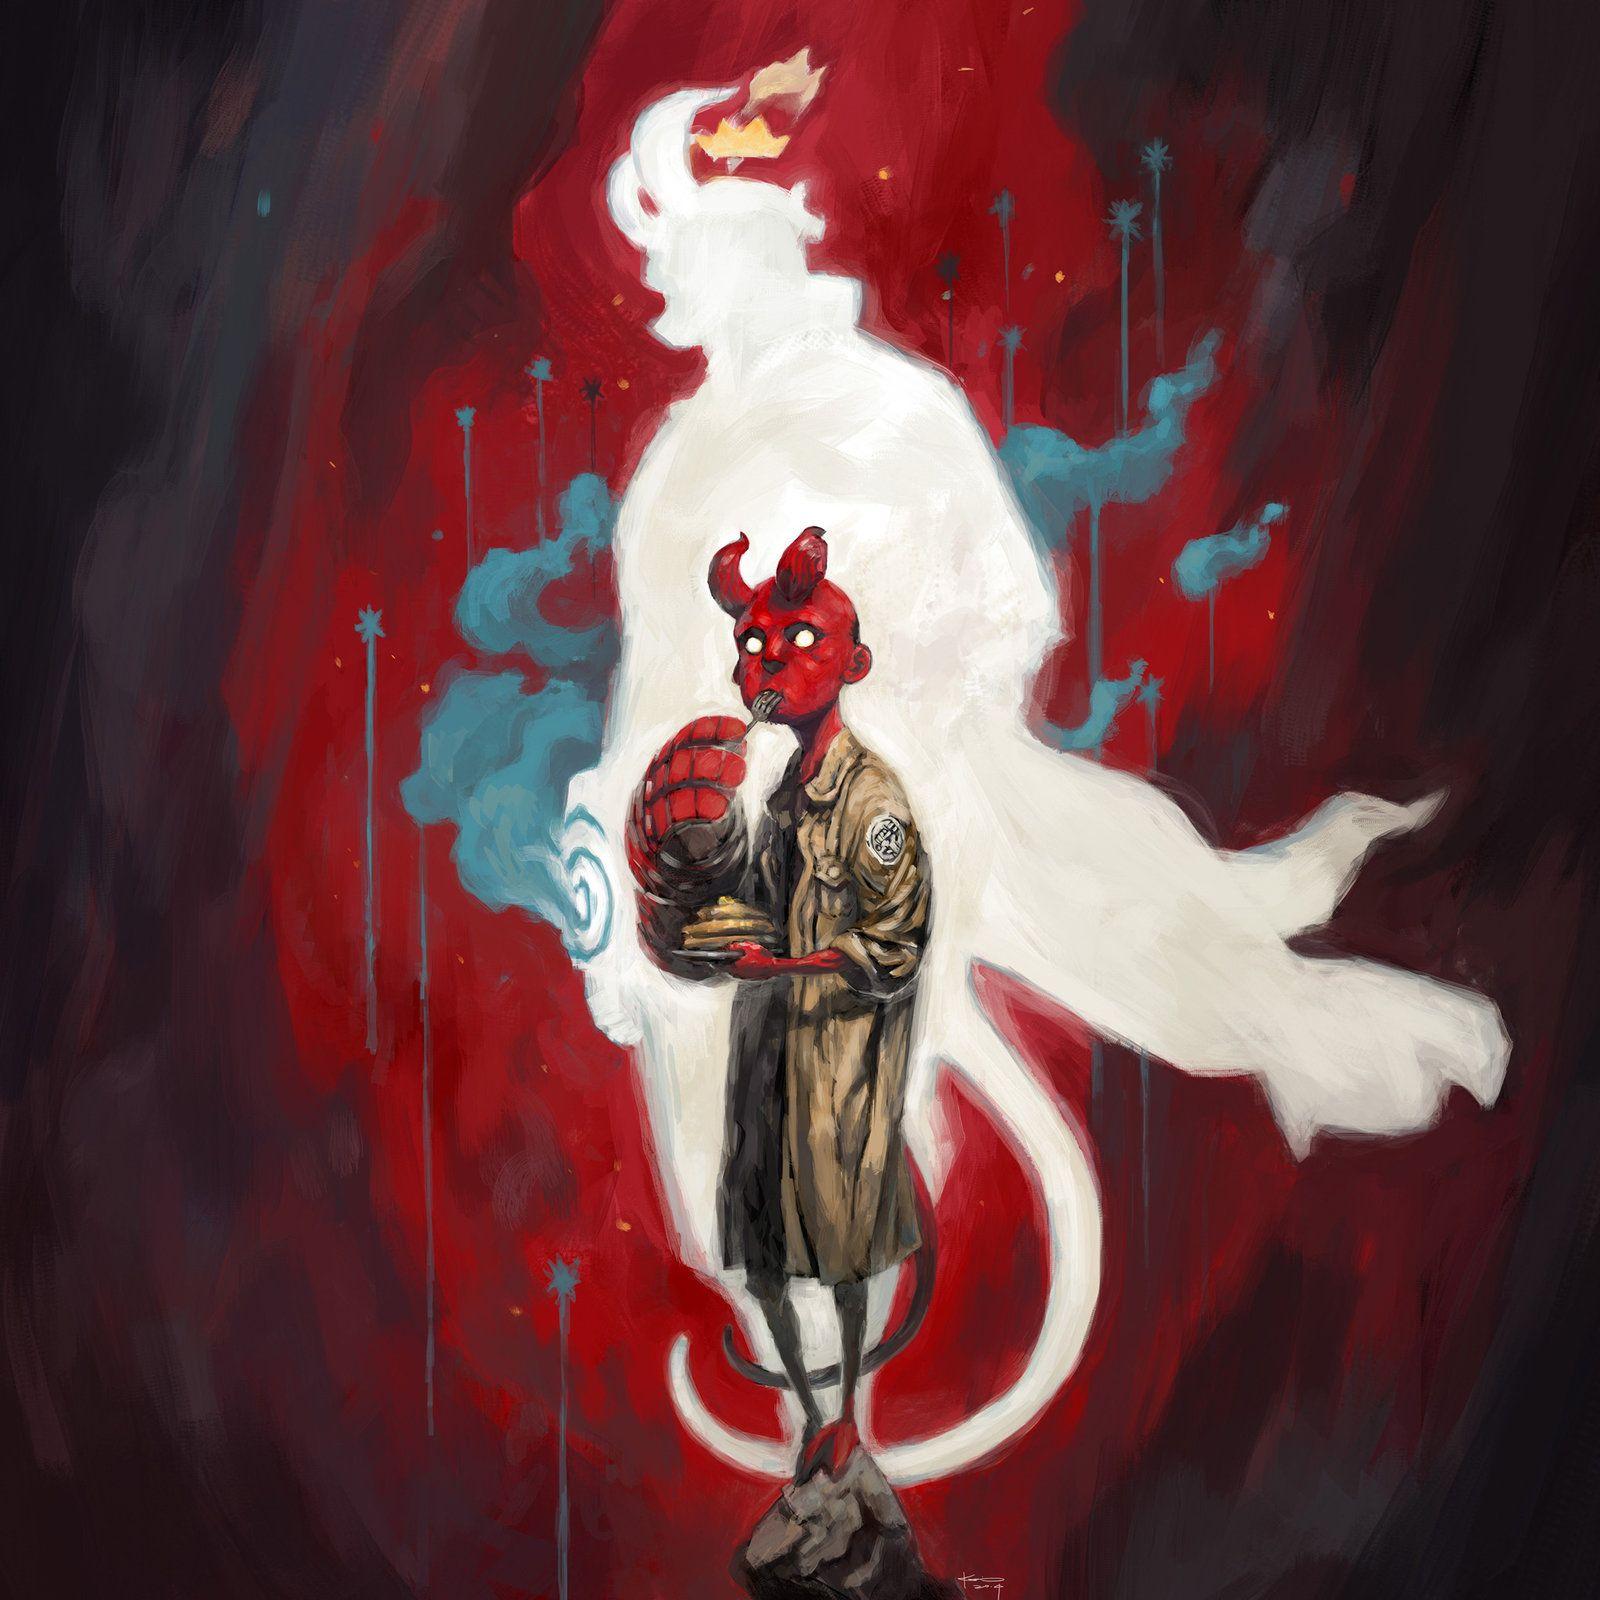 hellboy fanart by kian02.deviantart.com on @deviantART